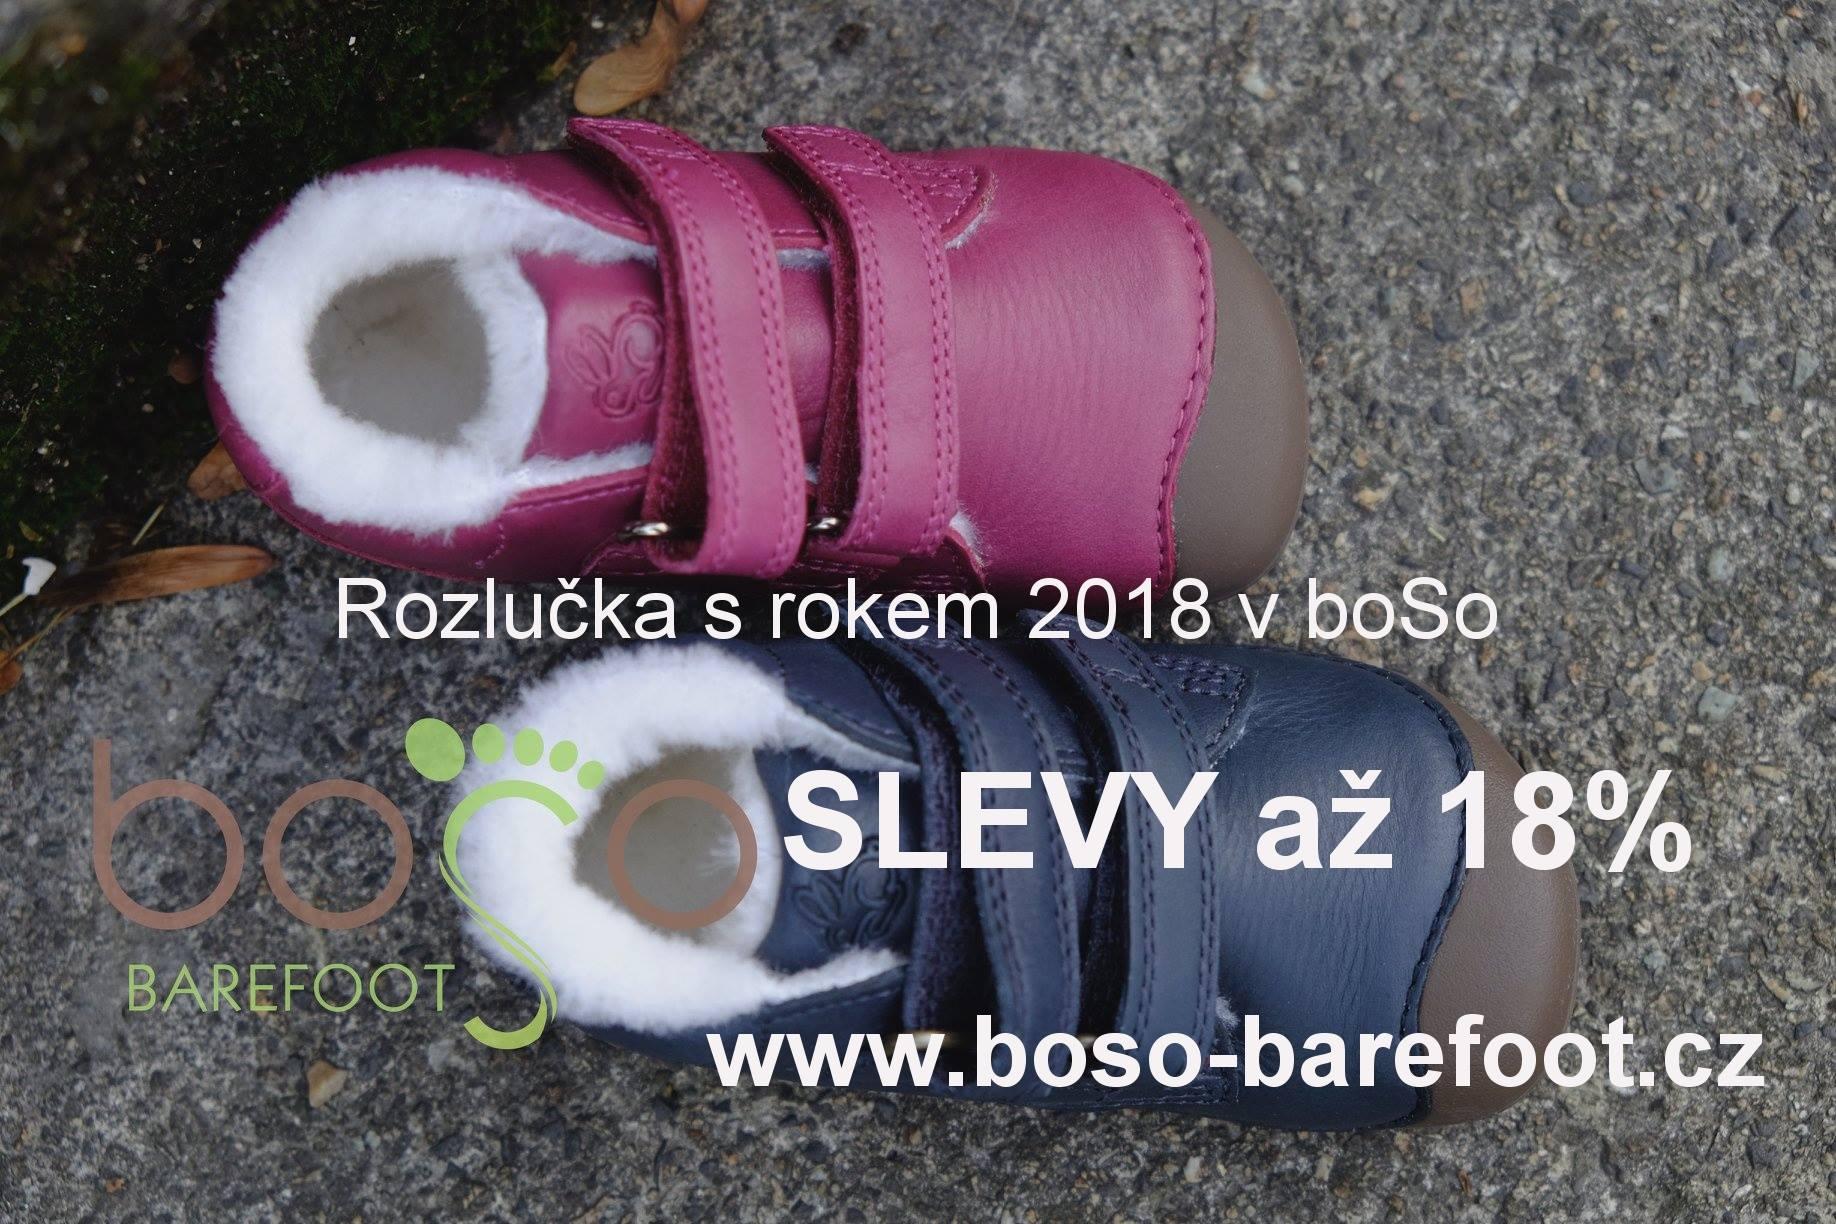 rozlucka-s-rokem-2018-v-boso